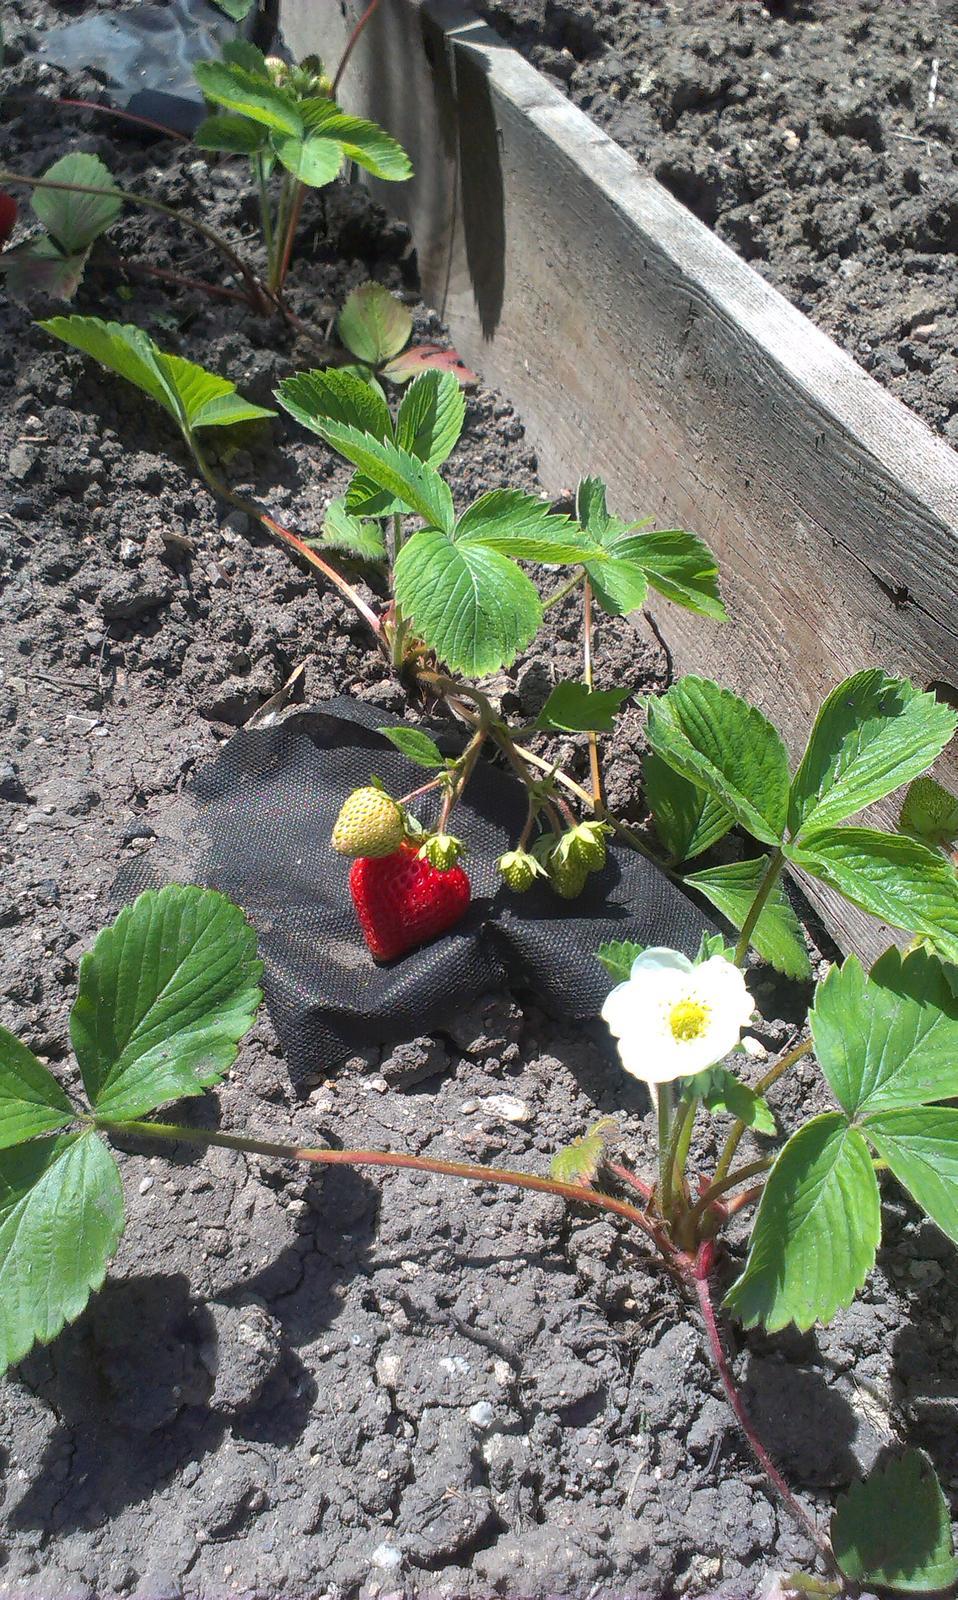 Záhrada - jahoda č. 7 - som zvedavá kedy ich budeme počítať na košíky a zavarené džemy